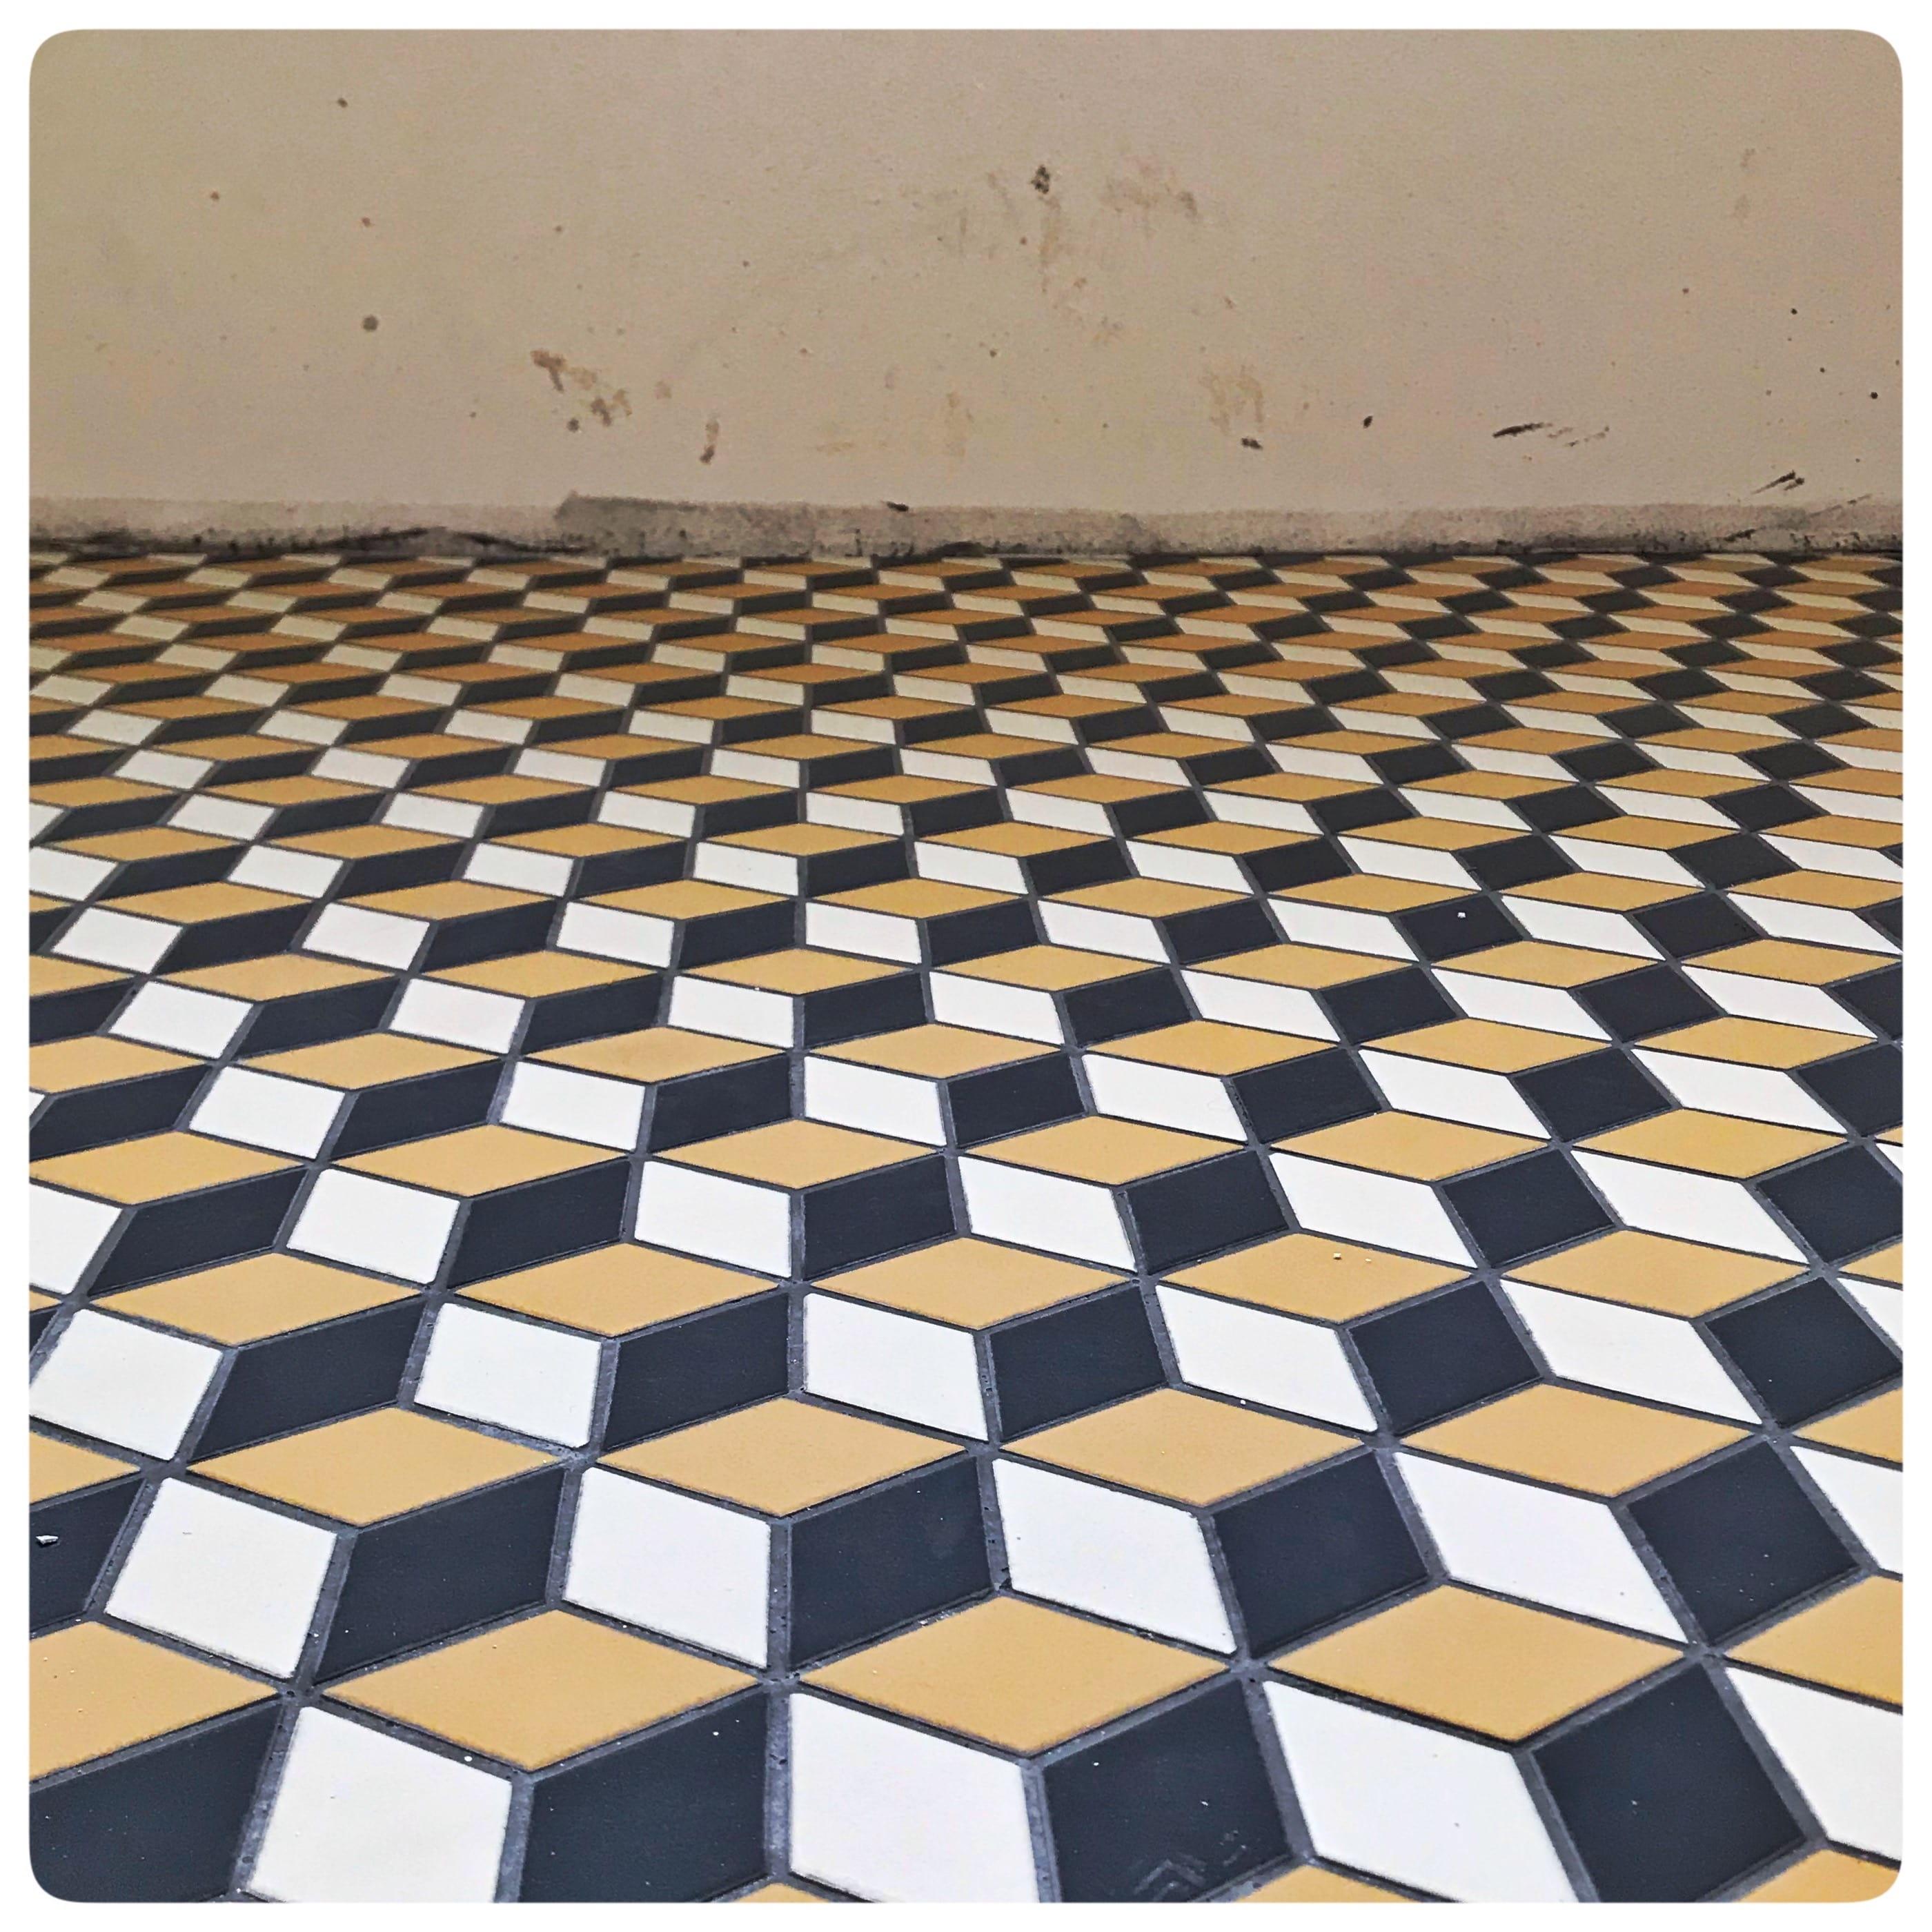 Pavimento realizzato con clementine 3d @etruriadesign